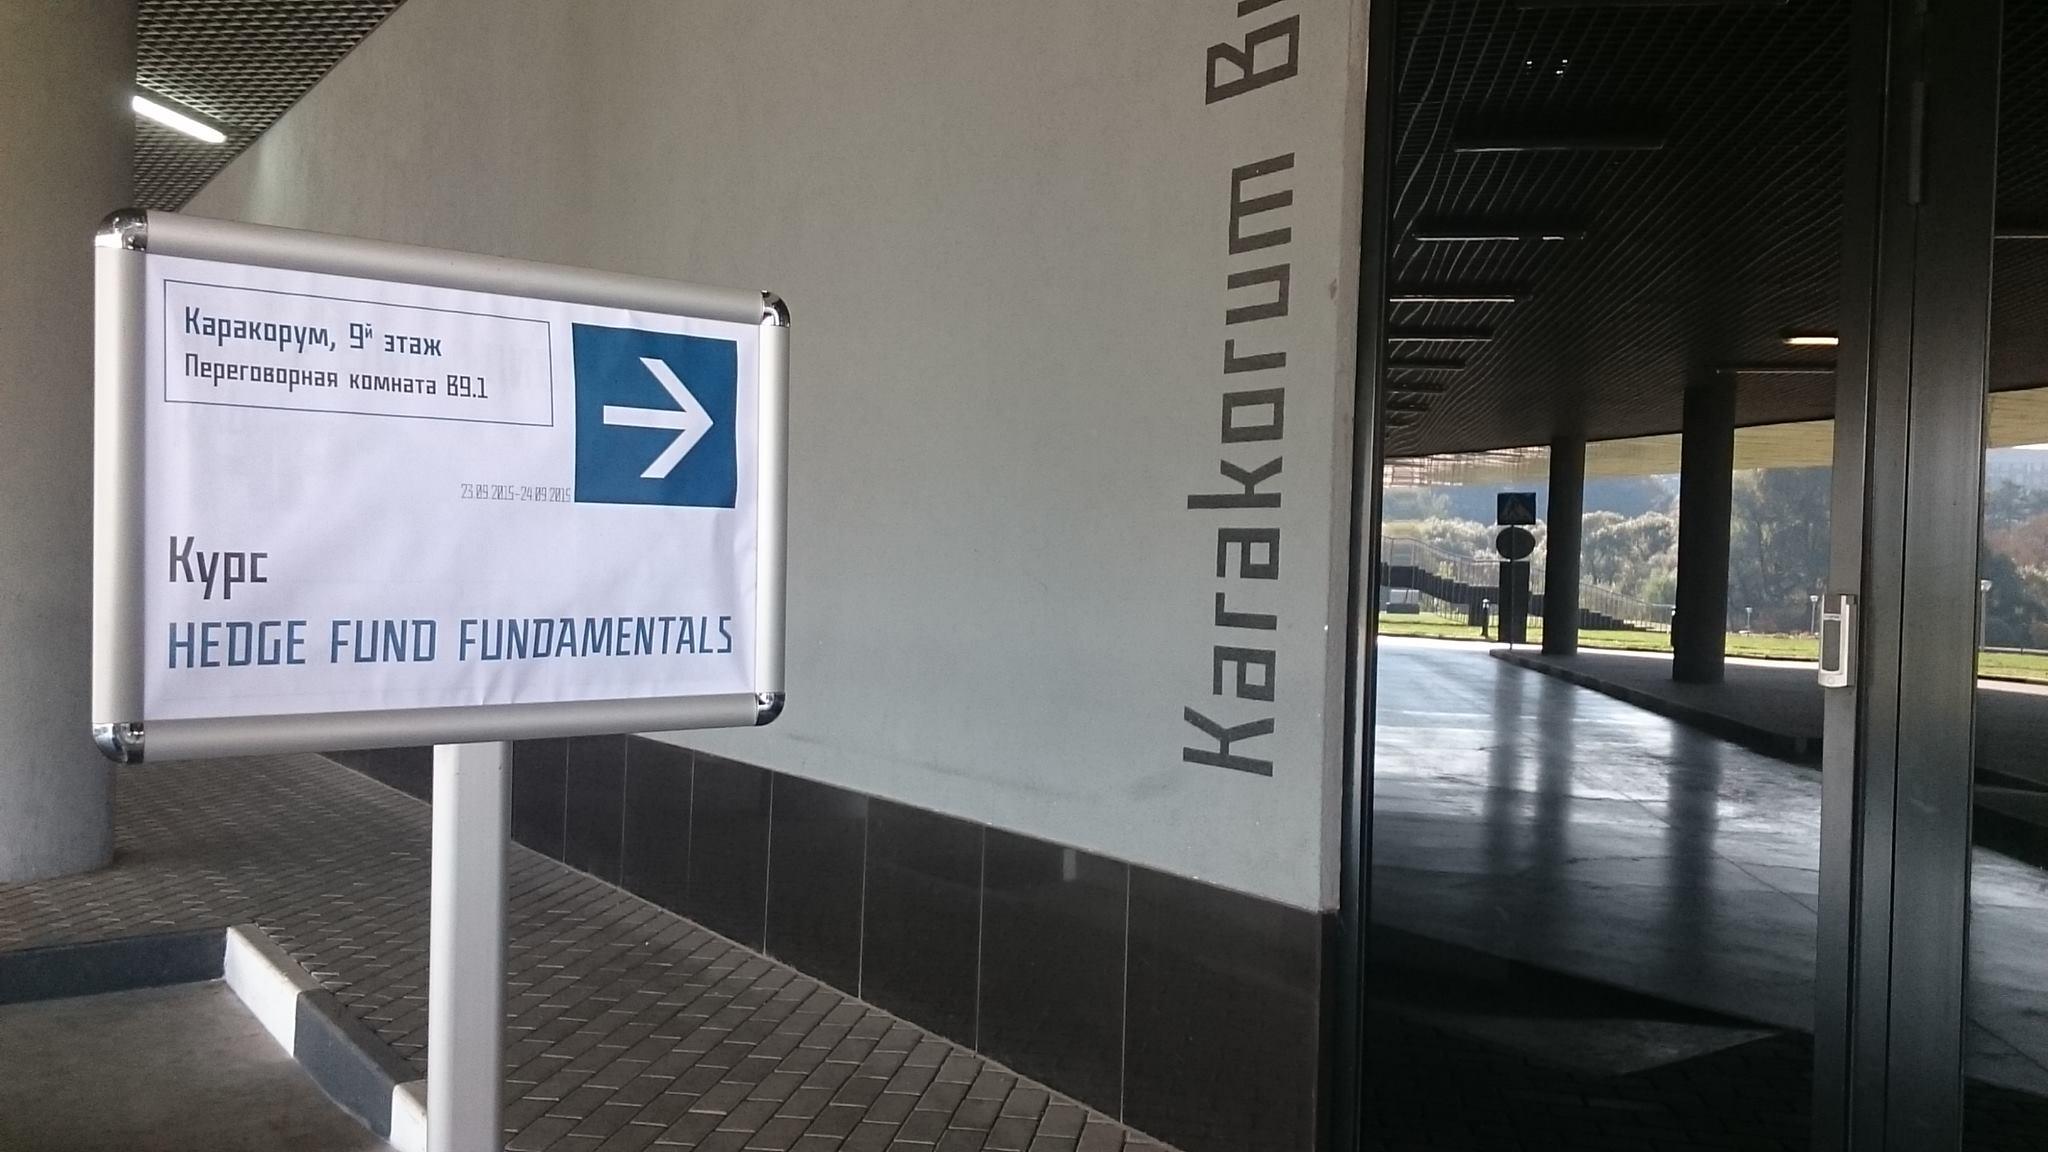 Hedge Fund Fundamentals пройдет в Москве 19-20 сентября, 2018